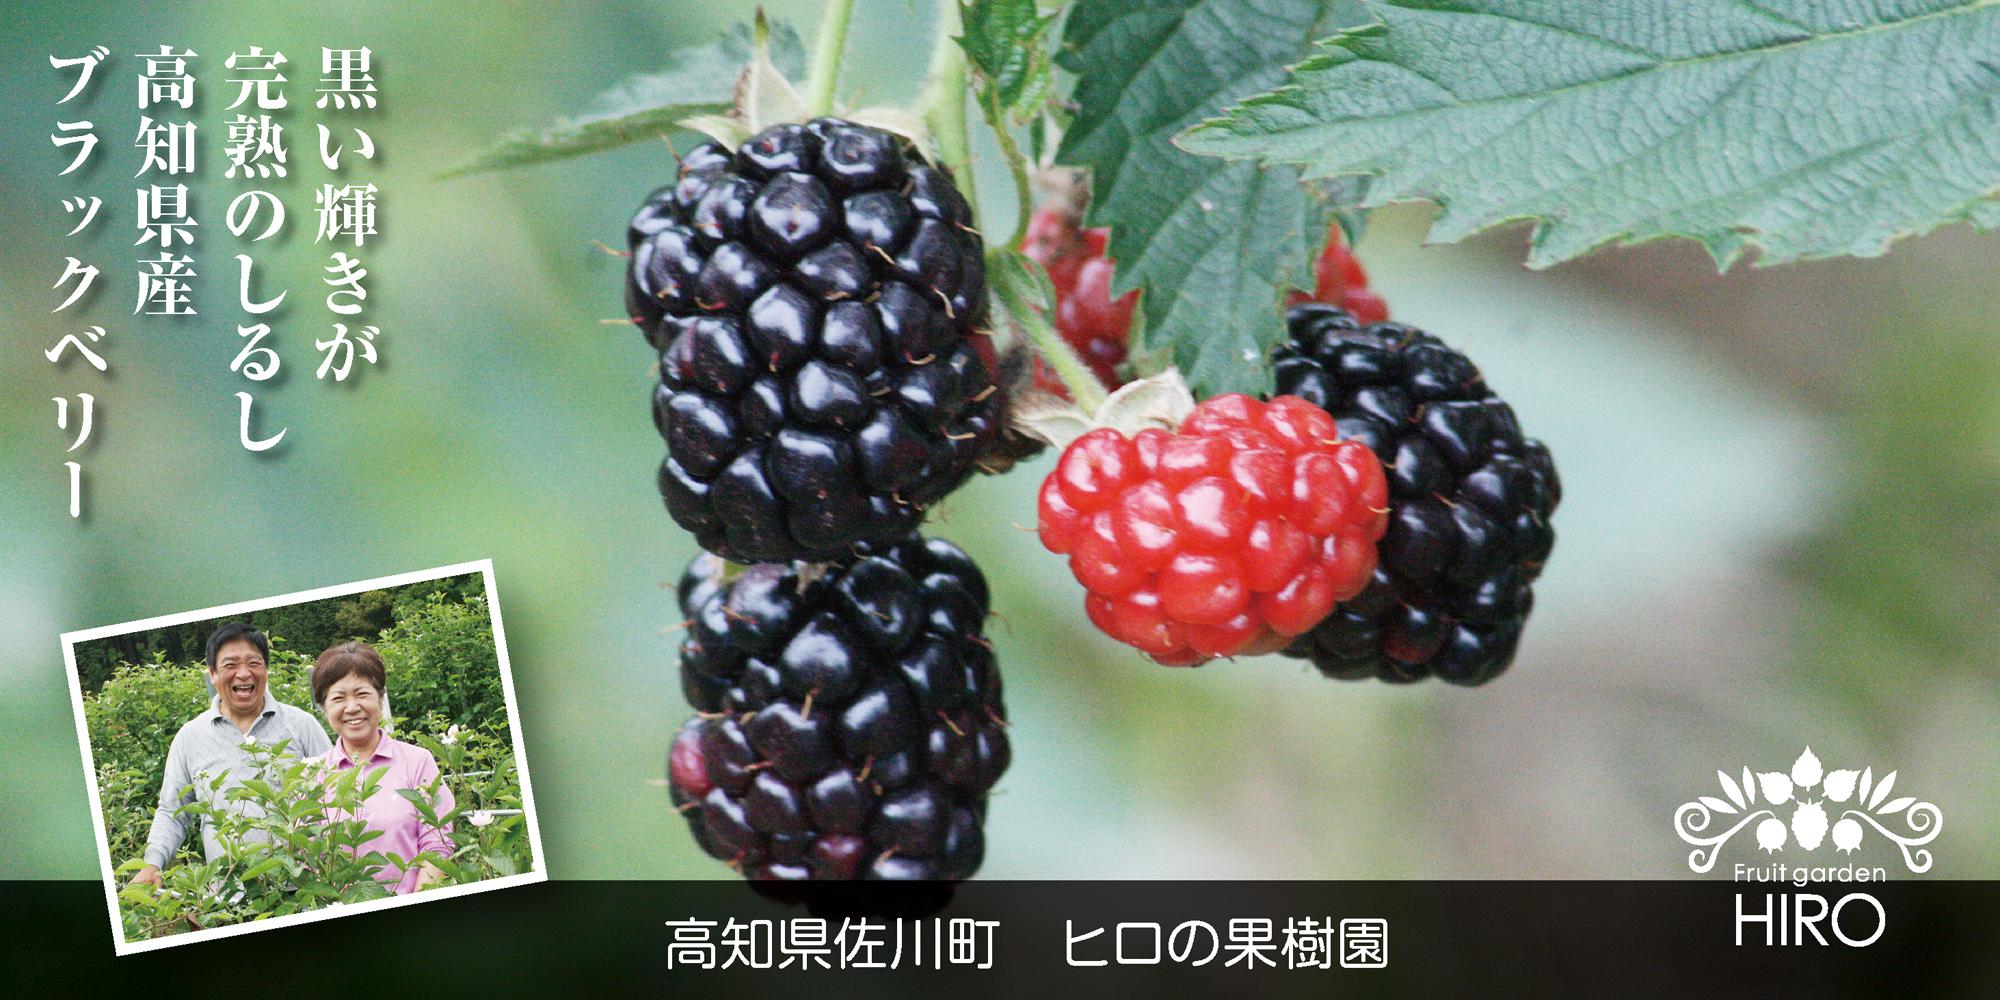 高知県佐川町 ヒロの果樹園